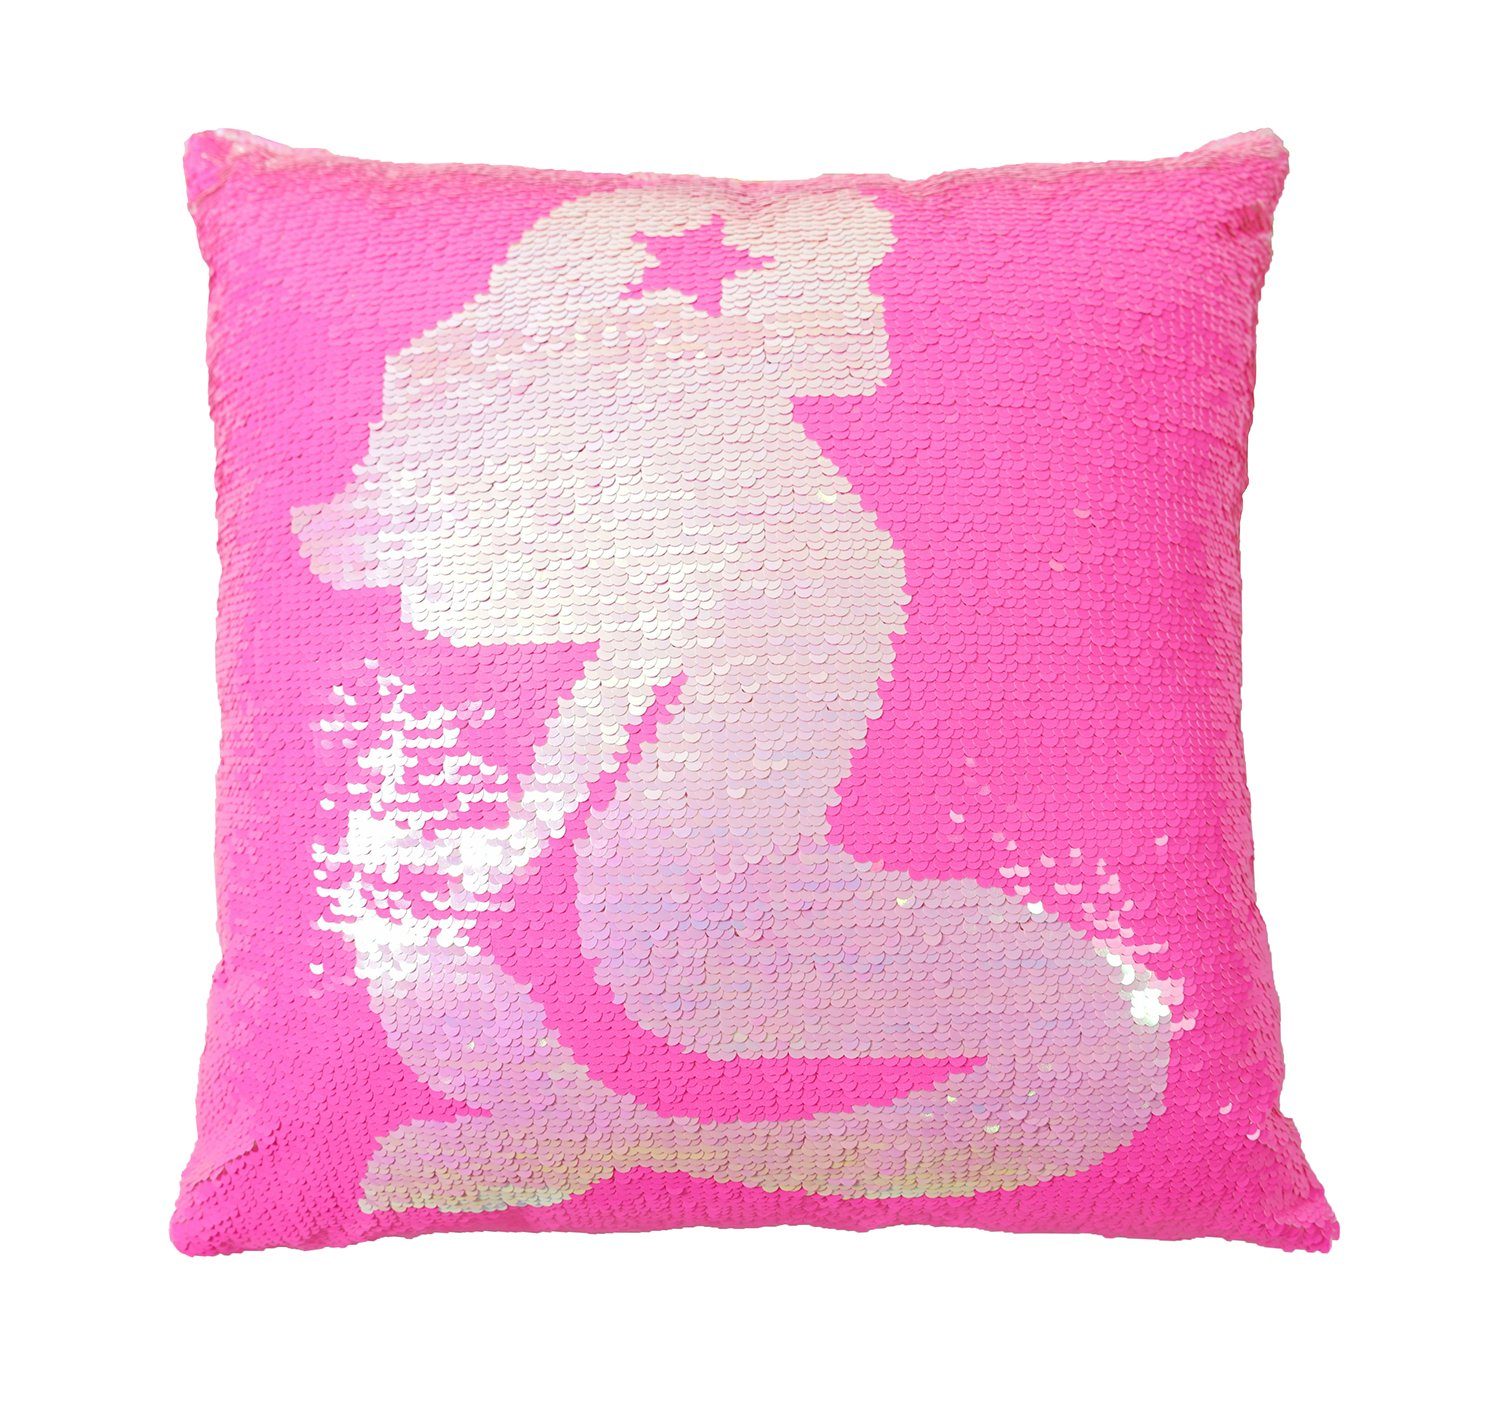 Cuscino decorativo con paillettes, reversibile a due colori cuscino decorativo, un cuscino non una fodera per cuscino, i migliori regali per bambini, 40x40cm di forma quadrata Rosa Iridescente Ataya